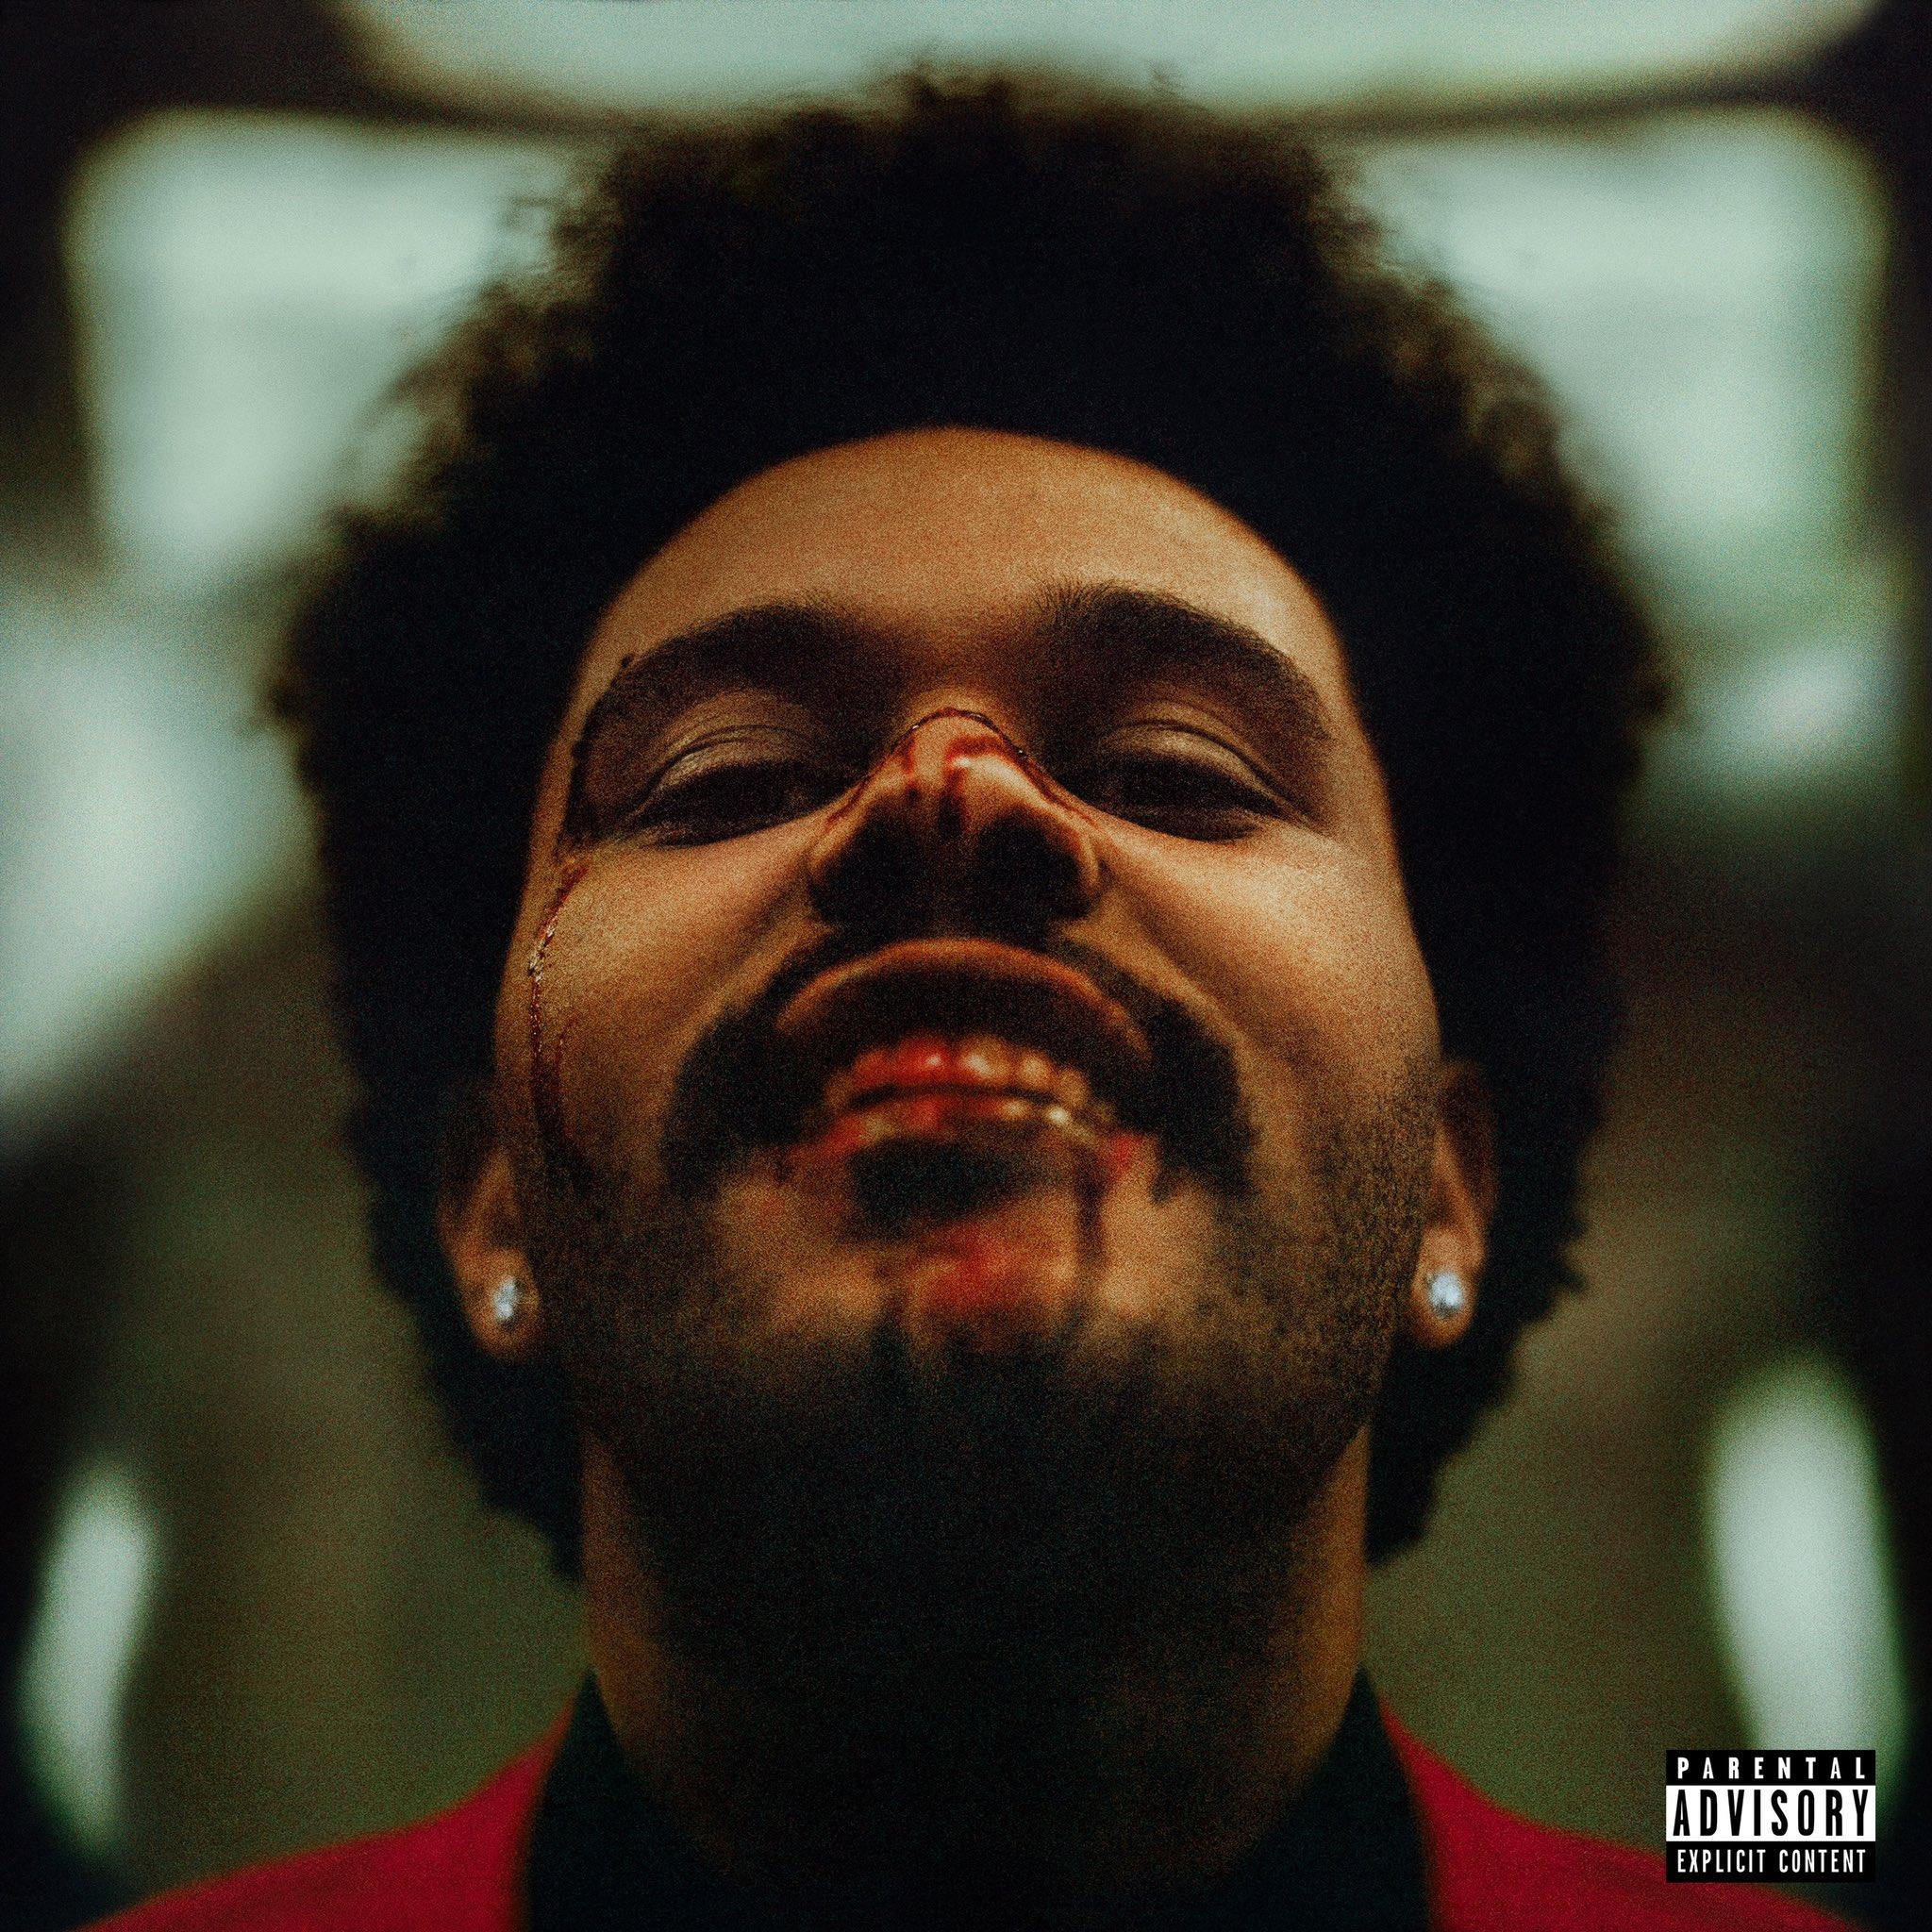 Capa do álbum After Hours. O cantor The Weeknd aparece olhando para a câmera e sorrindo, com sangue escorrendo no nariz e nos dentes. Ele é um homem negro perto dos 30 anos, com cabelo estilo blackpower e um brinco de brilhante em cada orelha, ele usa um terno vermelho